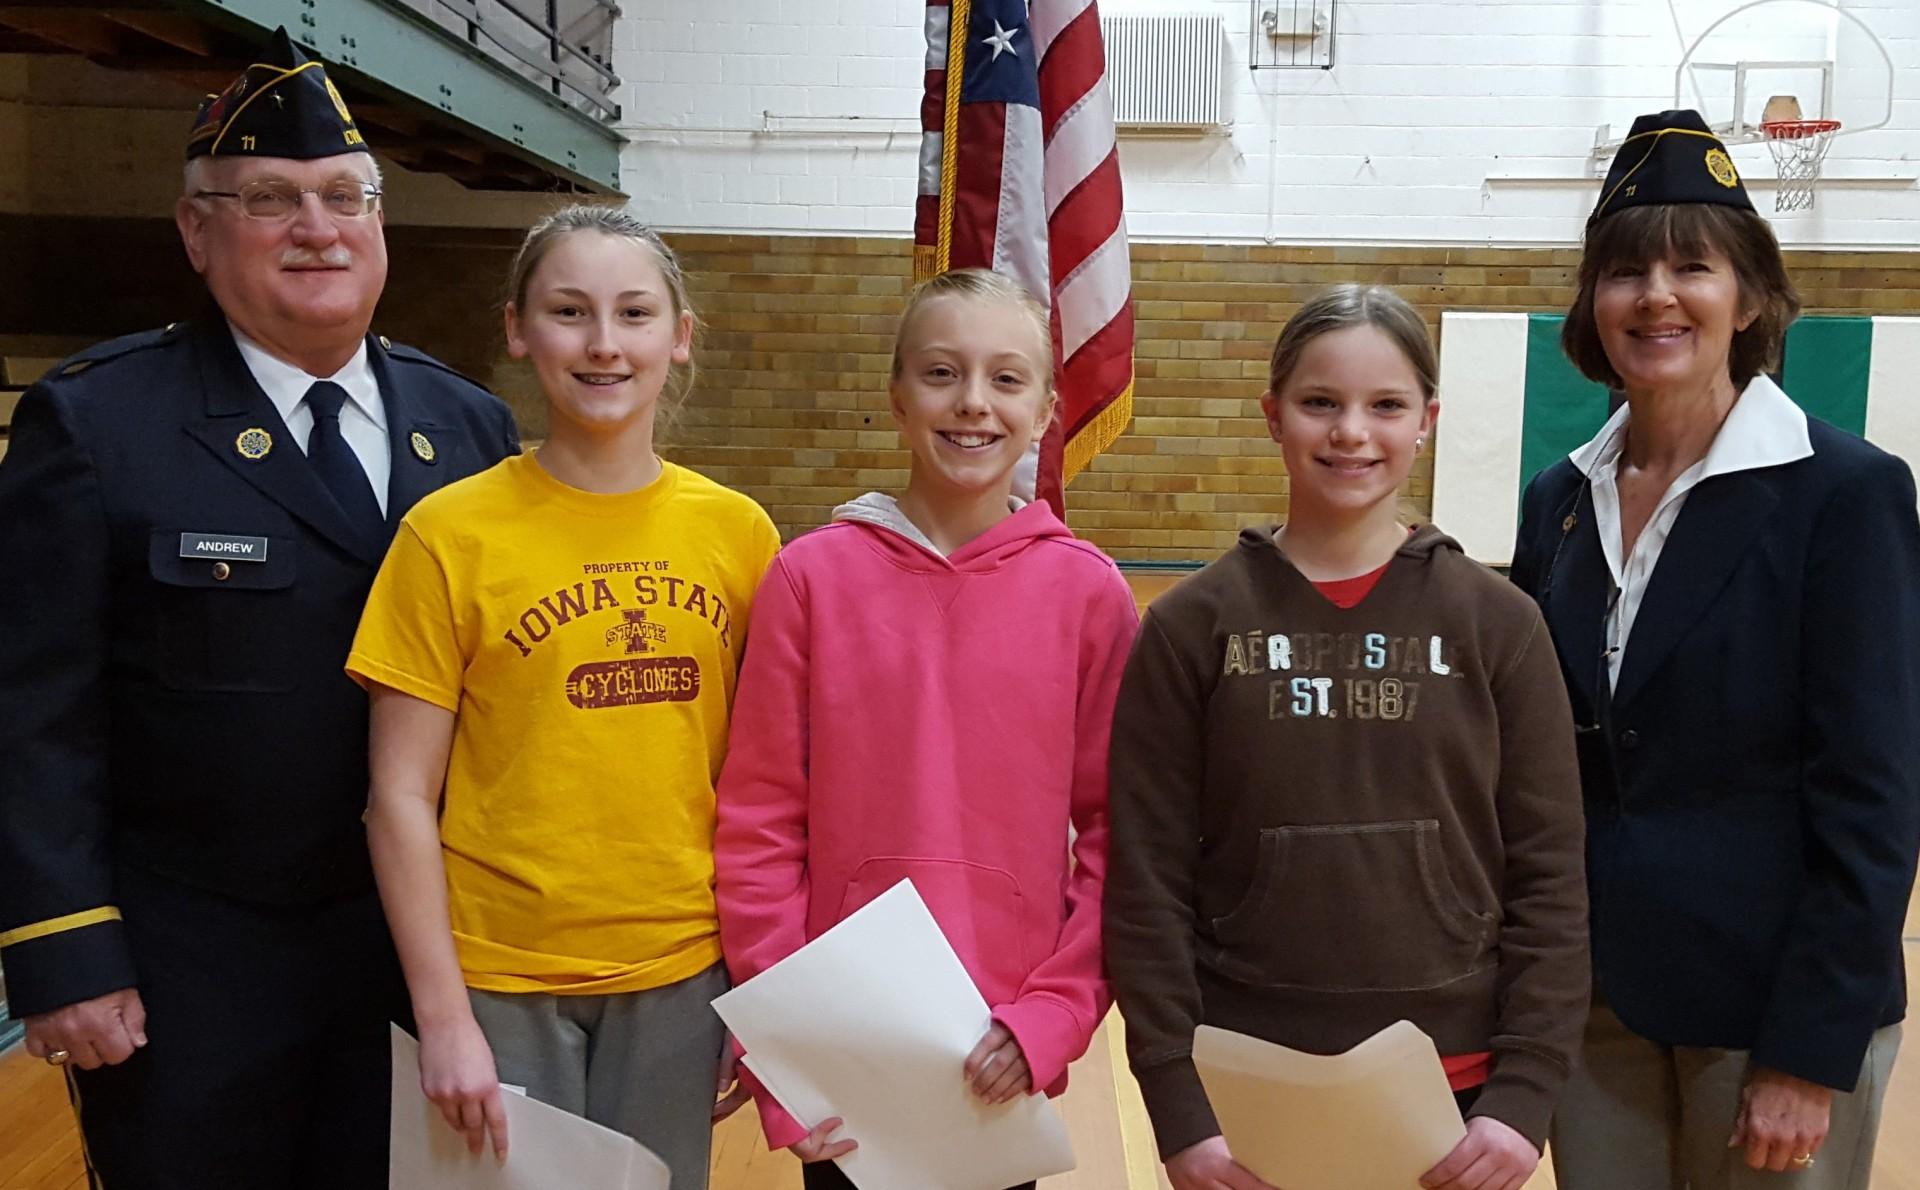 016 High School Essay Contest Essays American Legion Fifth Grade Winners Afsa Staggering 1920